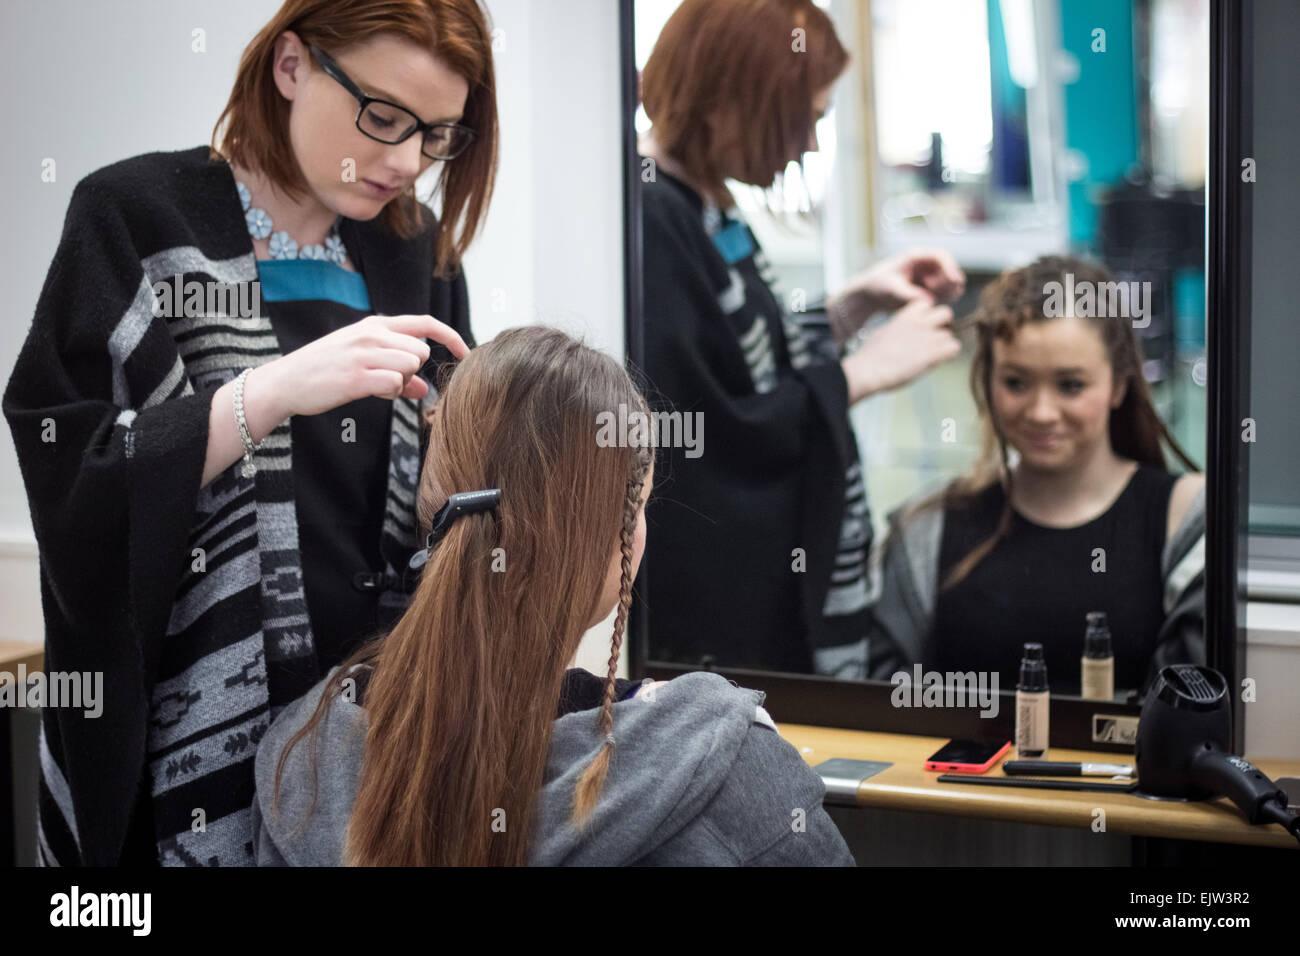 Coiffure femme lunettes dans un tressage de cheveux de modèle pour une mode en valeur tant dans la réflexion Photo Stock